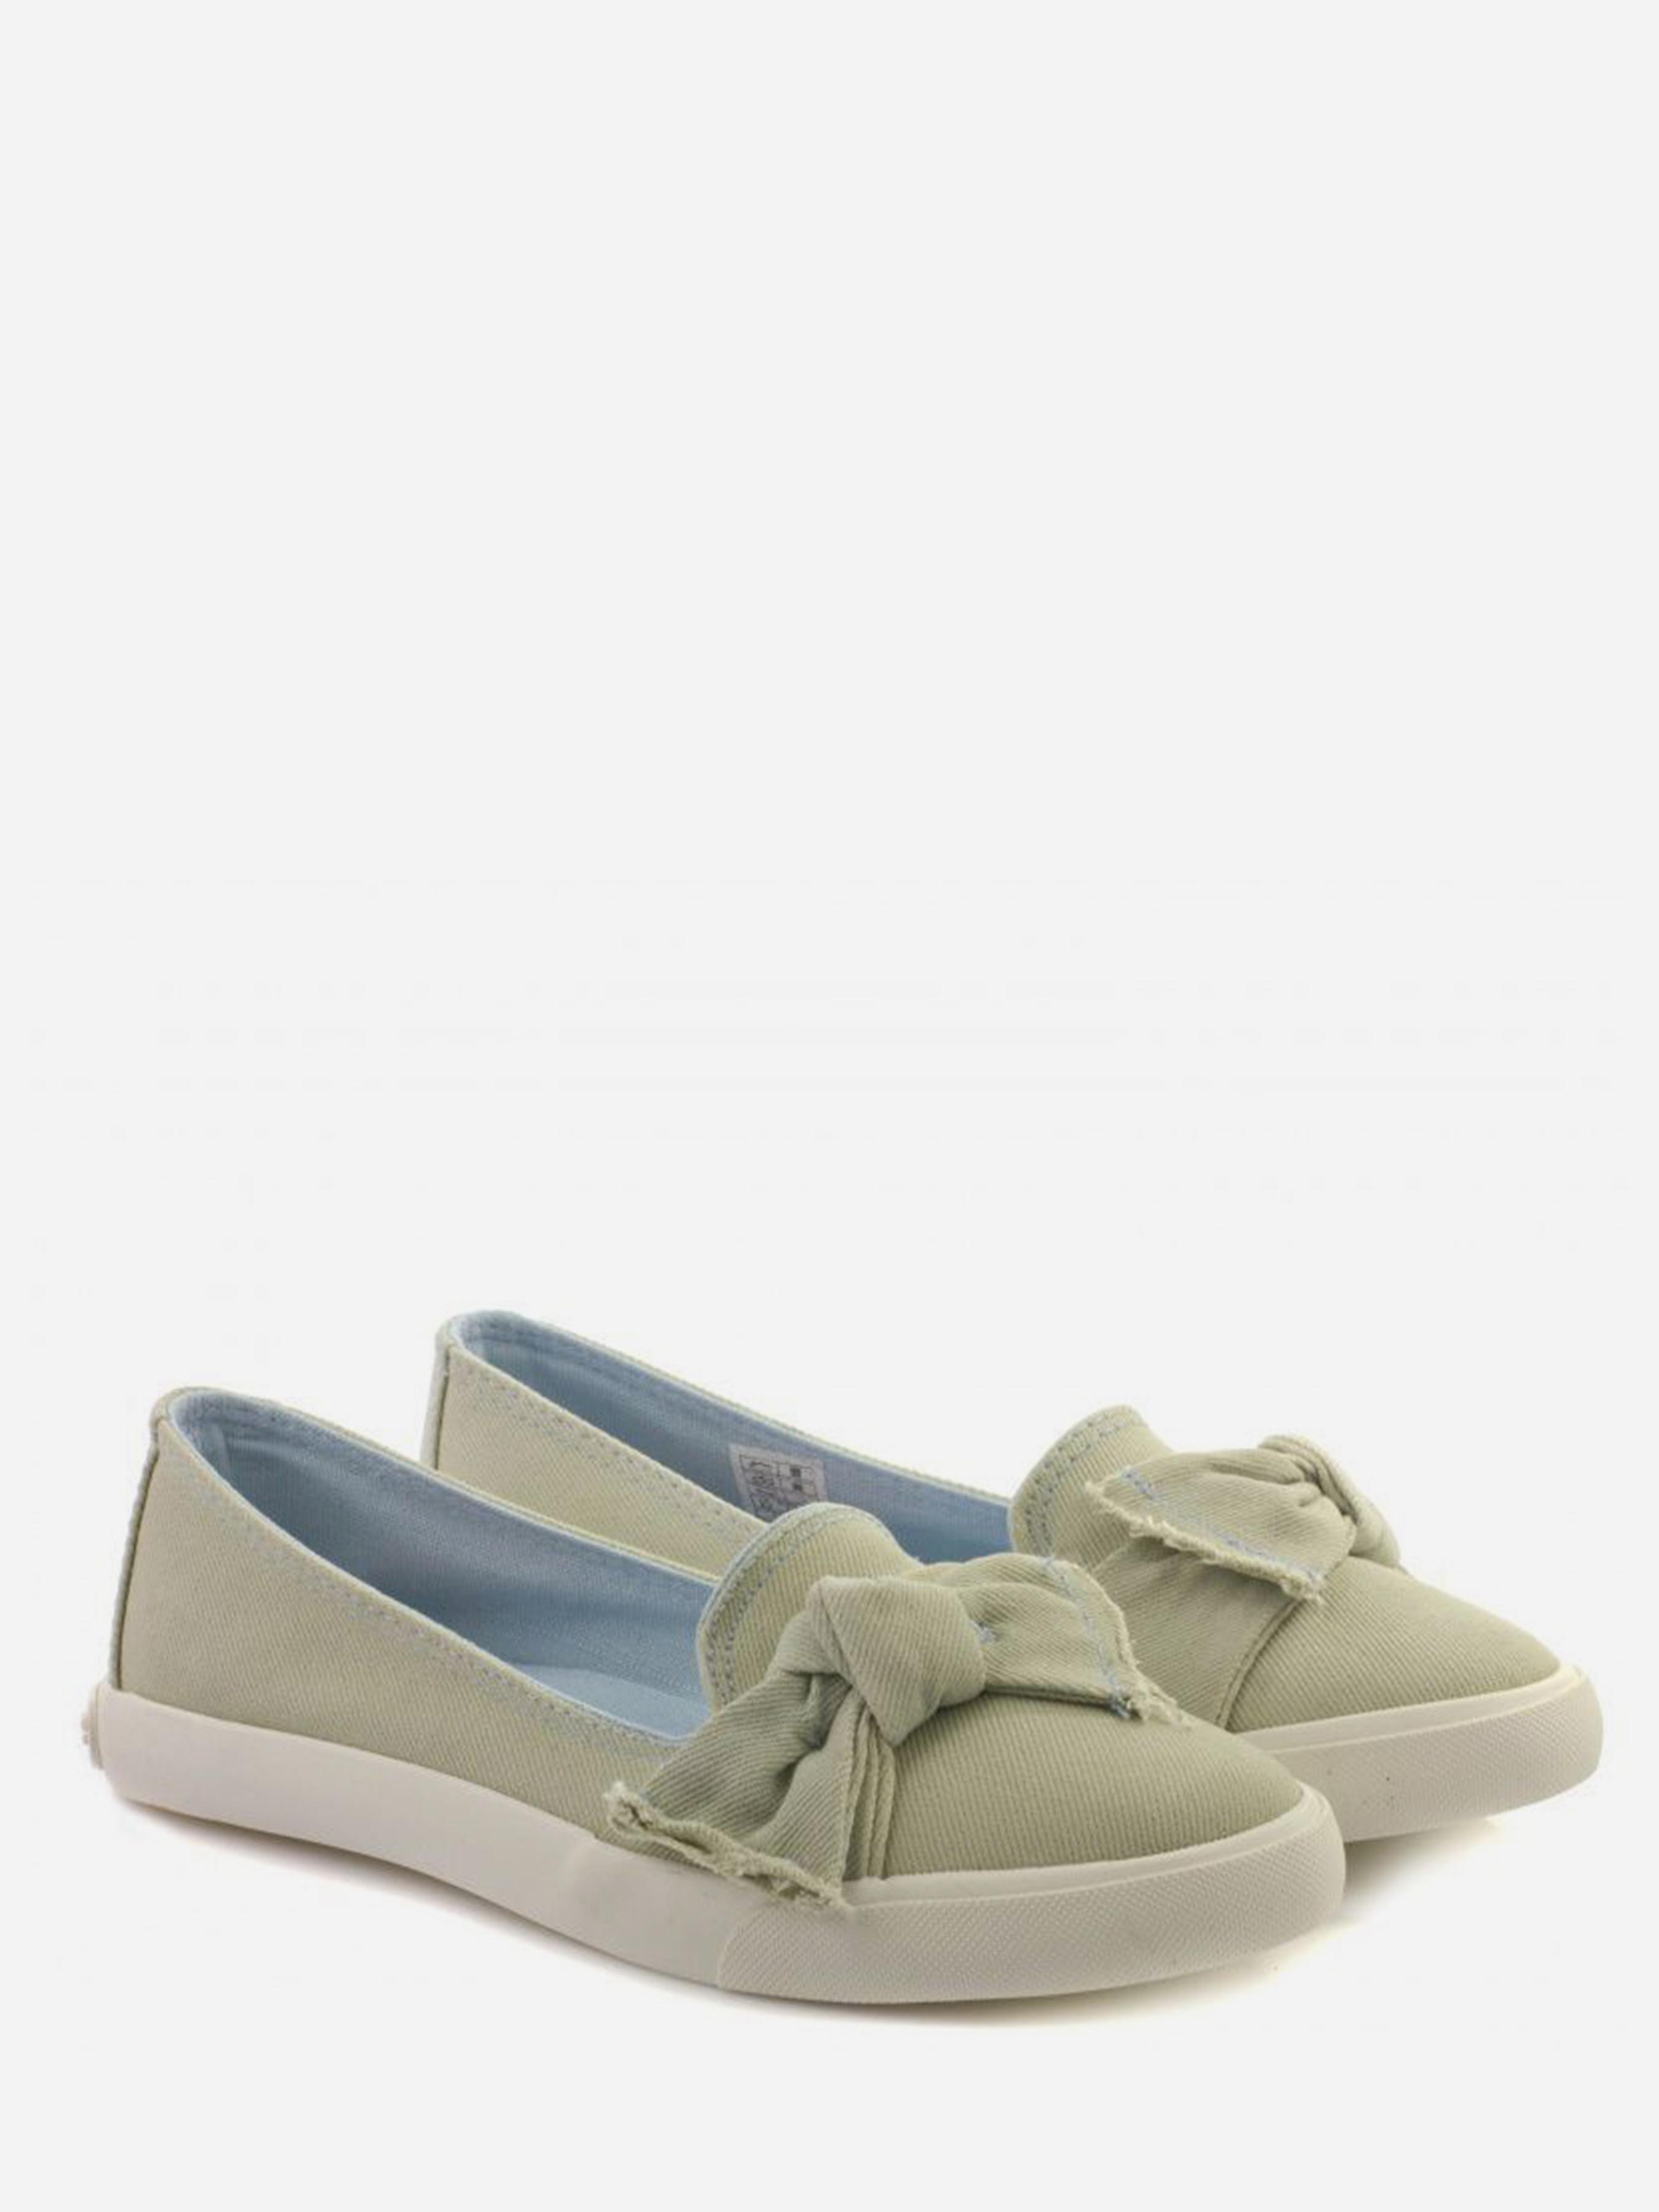 Cлипоны женские Rocket Dog CLARITA RG149 брендовая обувь, 2017